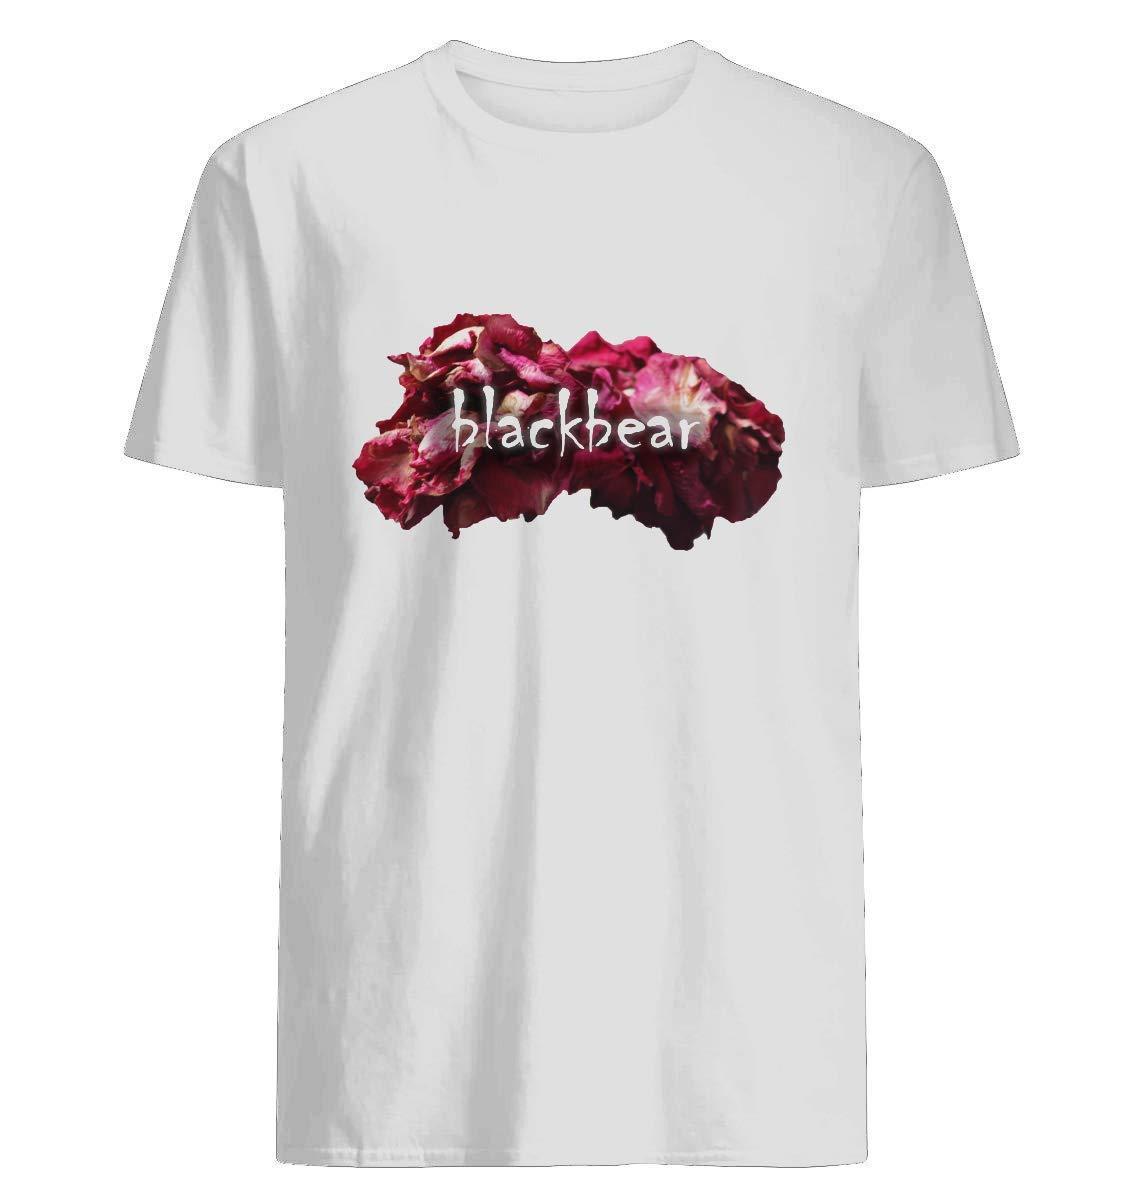 Blackbear Deadroses T Shirt For Unisex